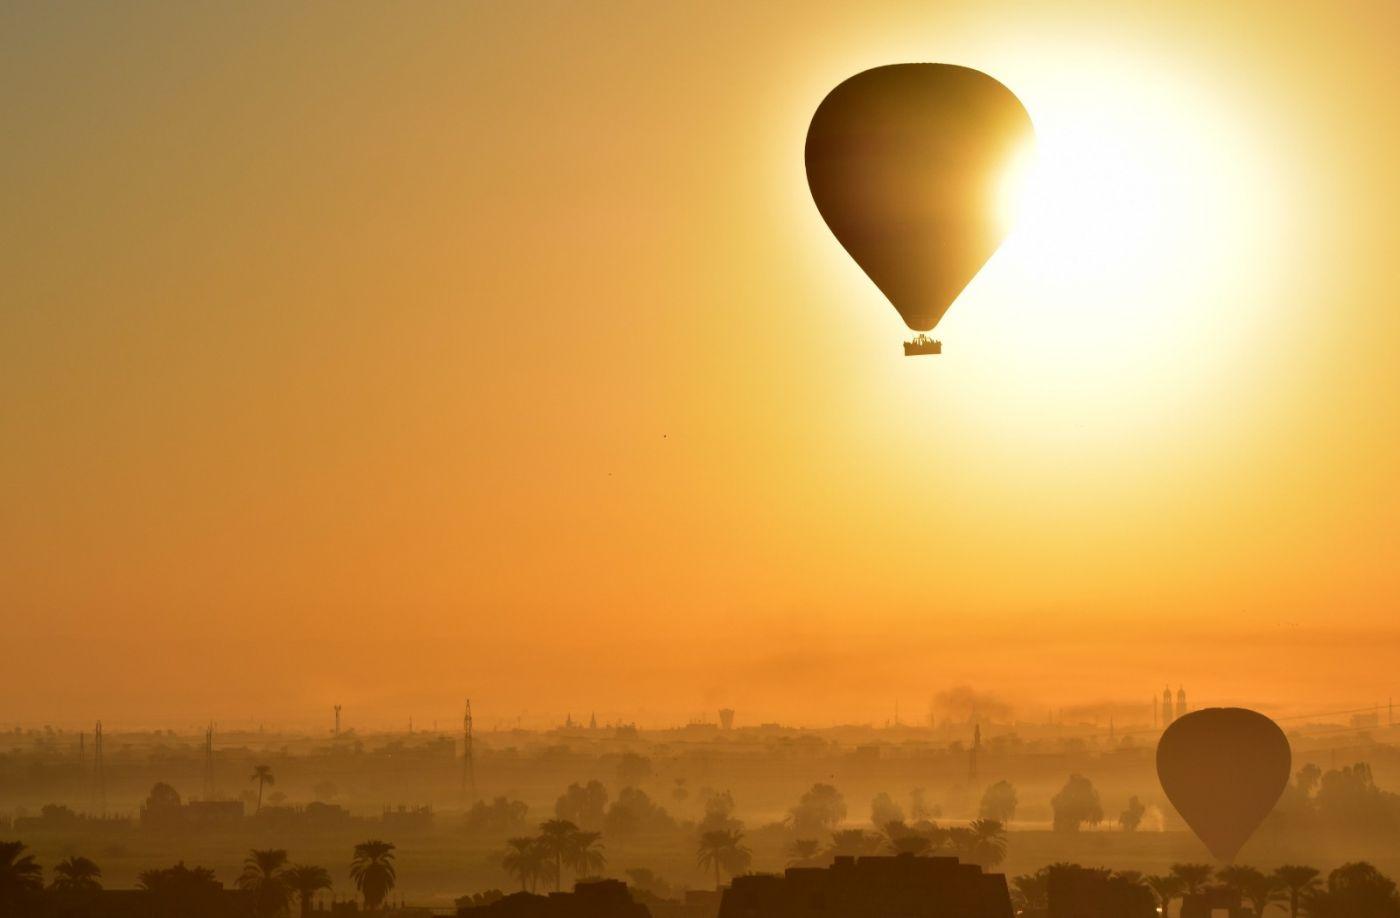 卢克索坐热气球观日出_图1-37